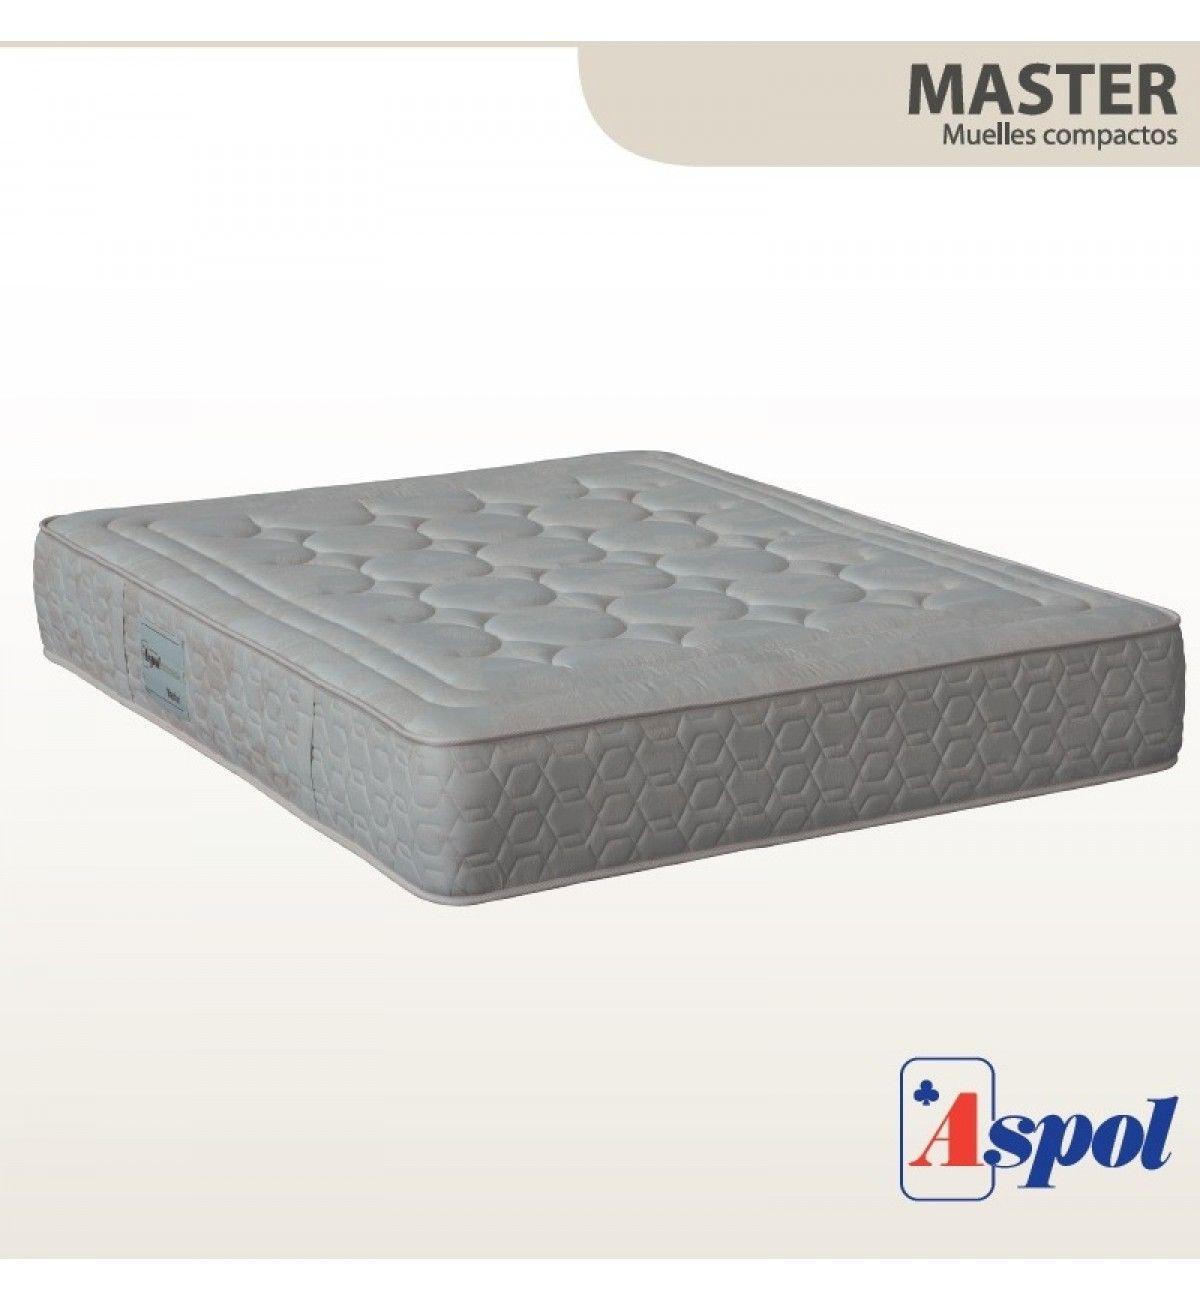 Aspol Master Colchon Colchones Tiendas De Colchones Y Venta Online